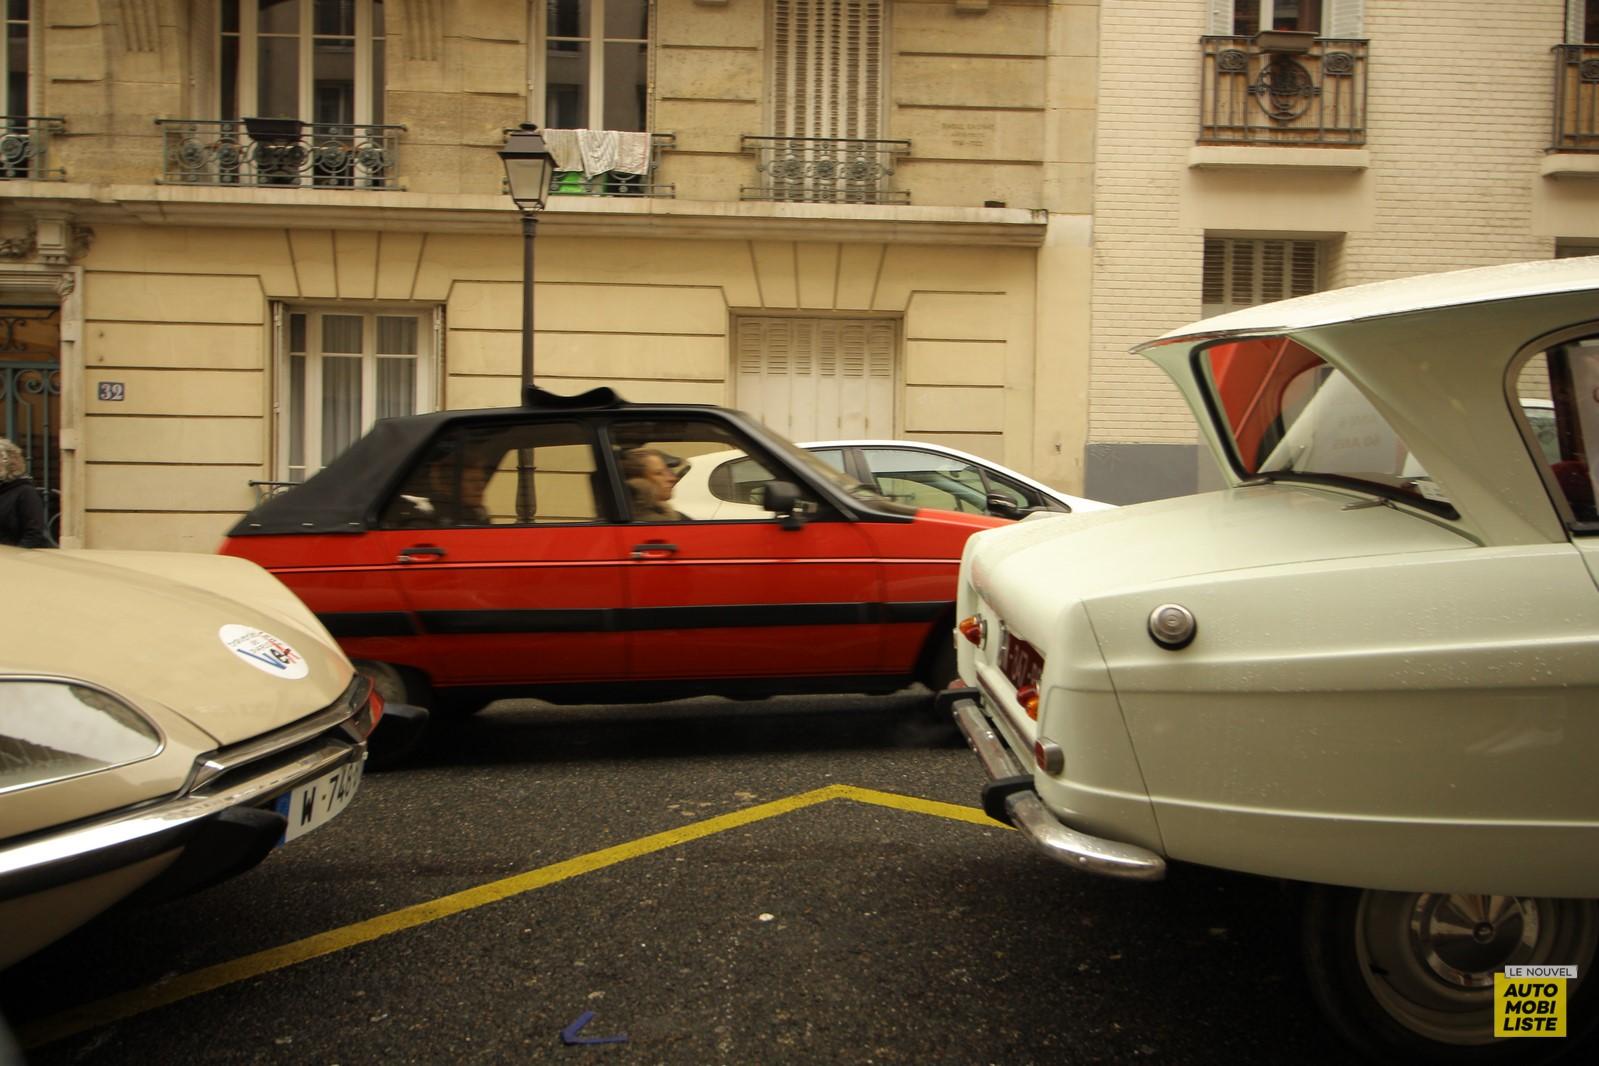 Traversee de Paris LNA Thibaut Dumoulin 15